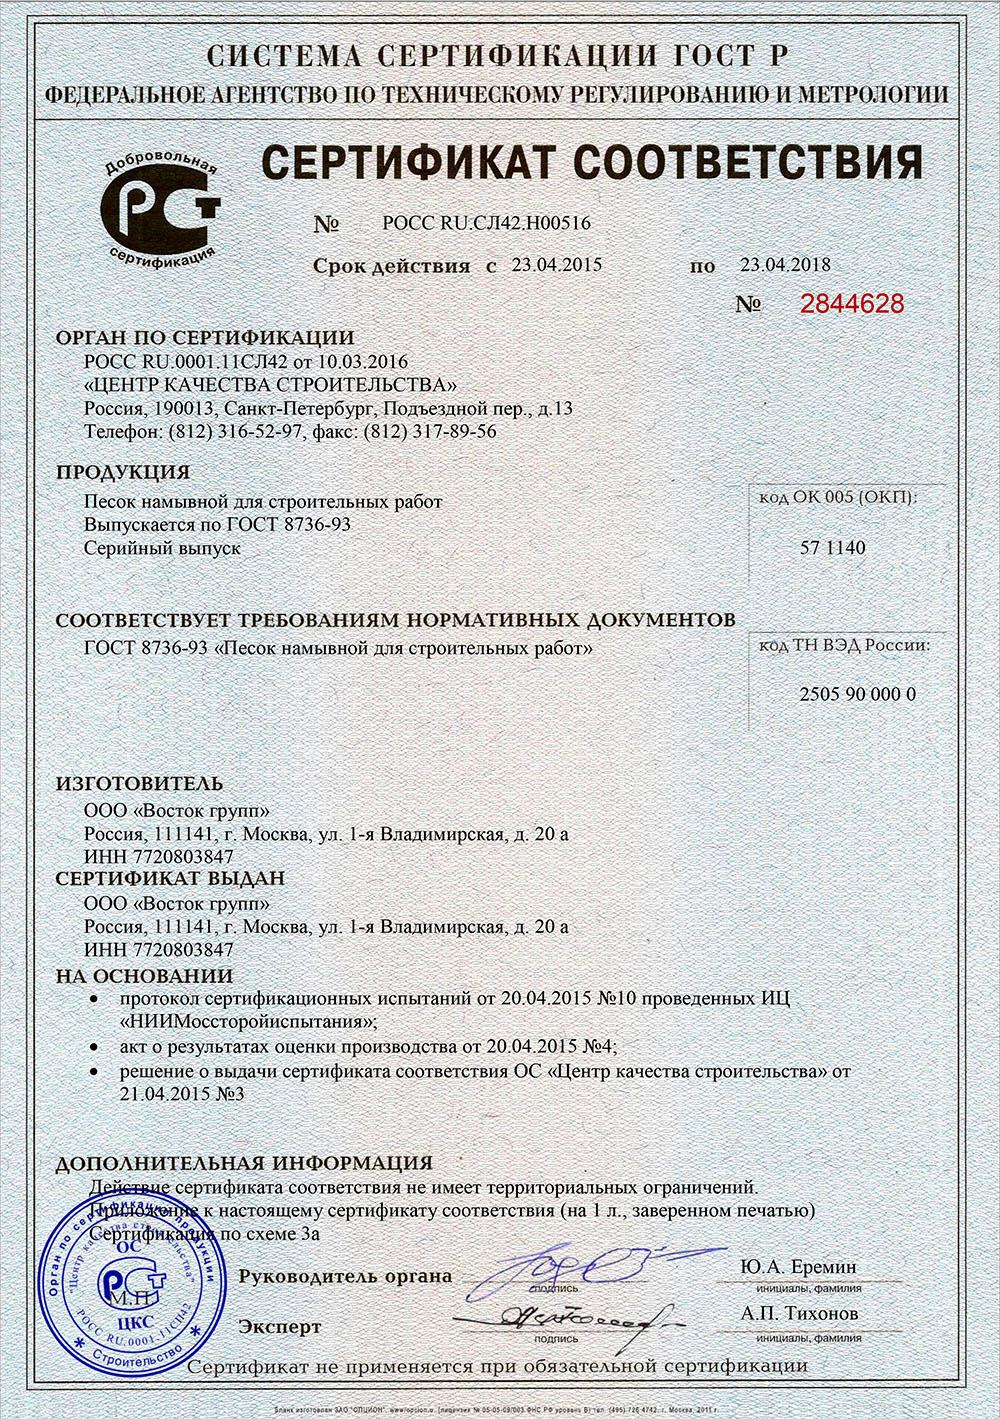 Сертификат соответствия песок намывной